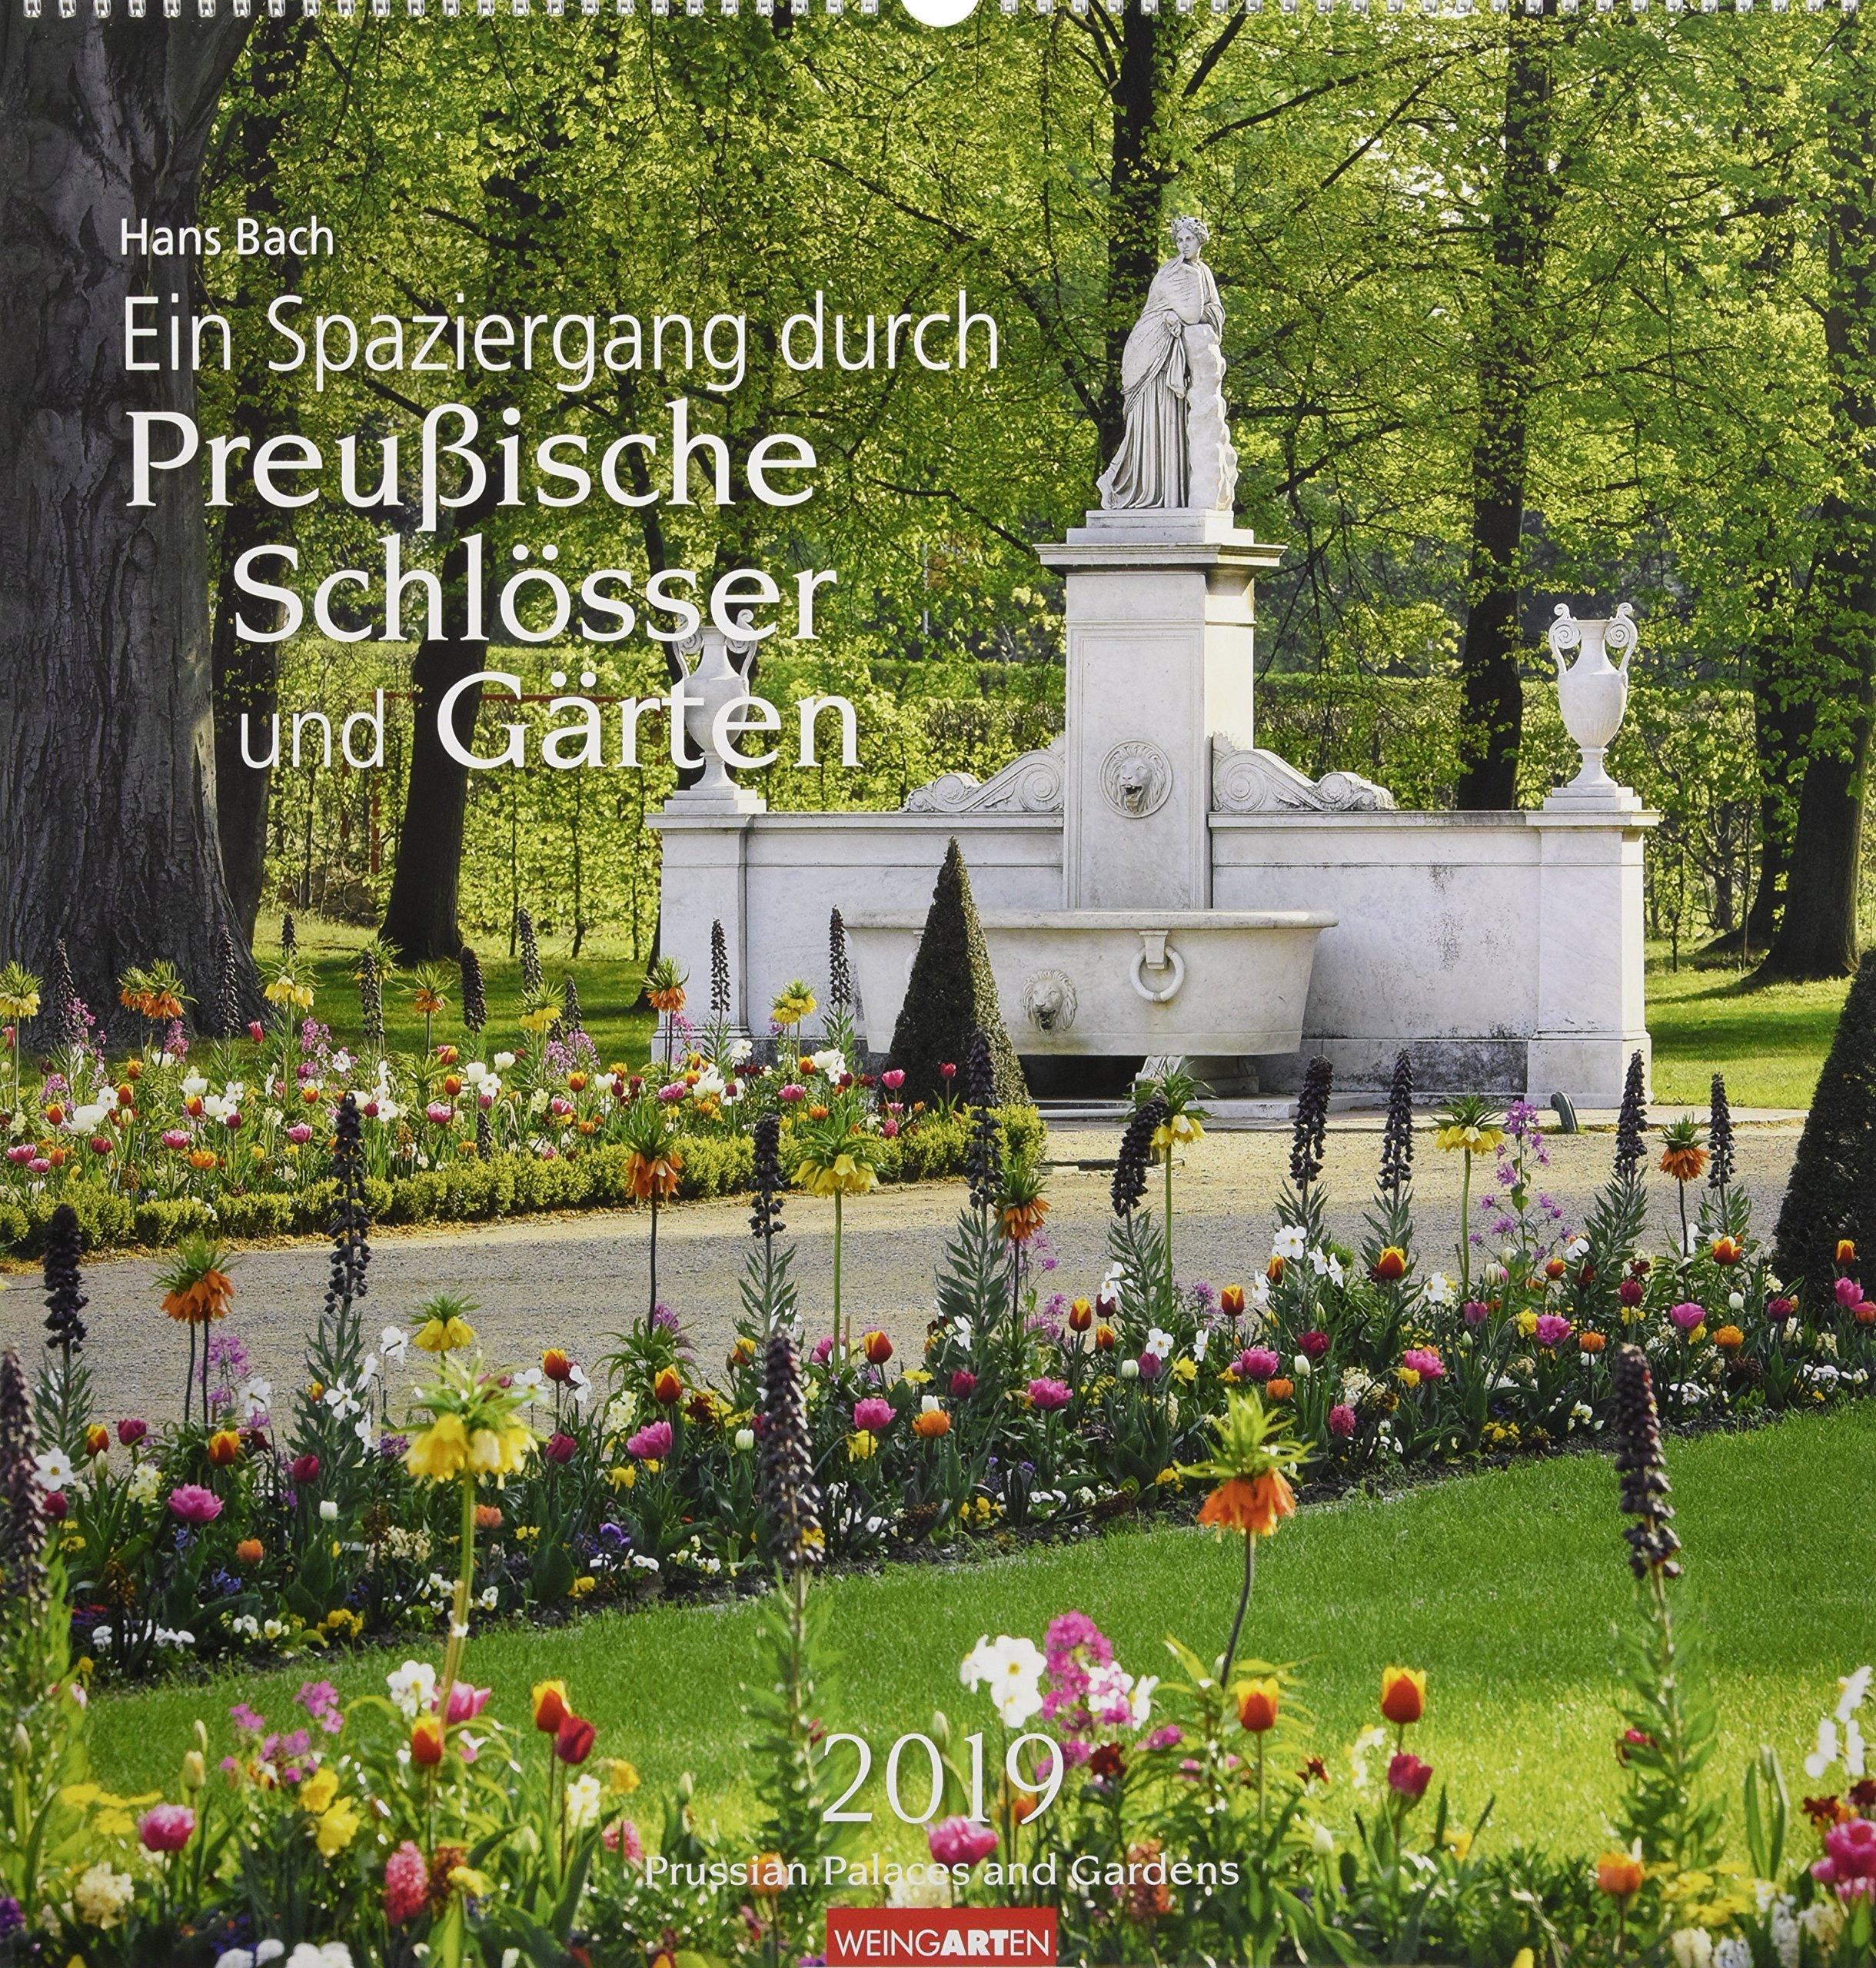 Ein Spaziergang durch Preußische Schlösser und Gärten - Kalender 2019